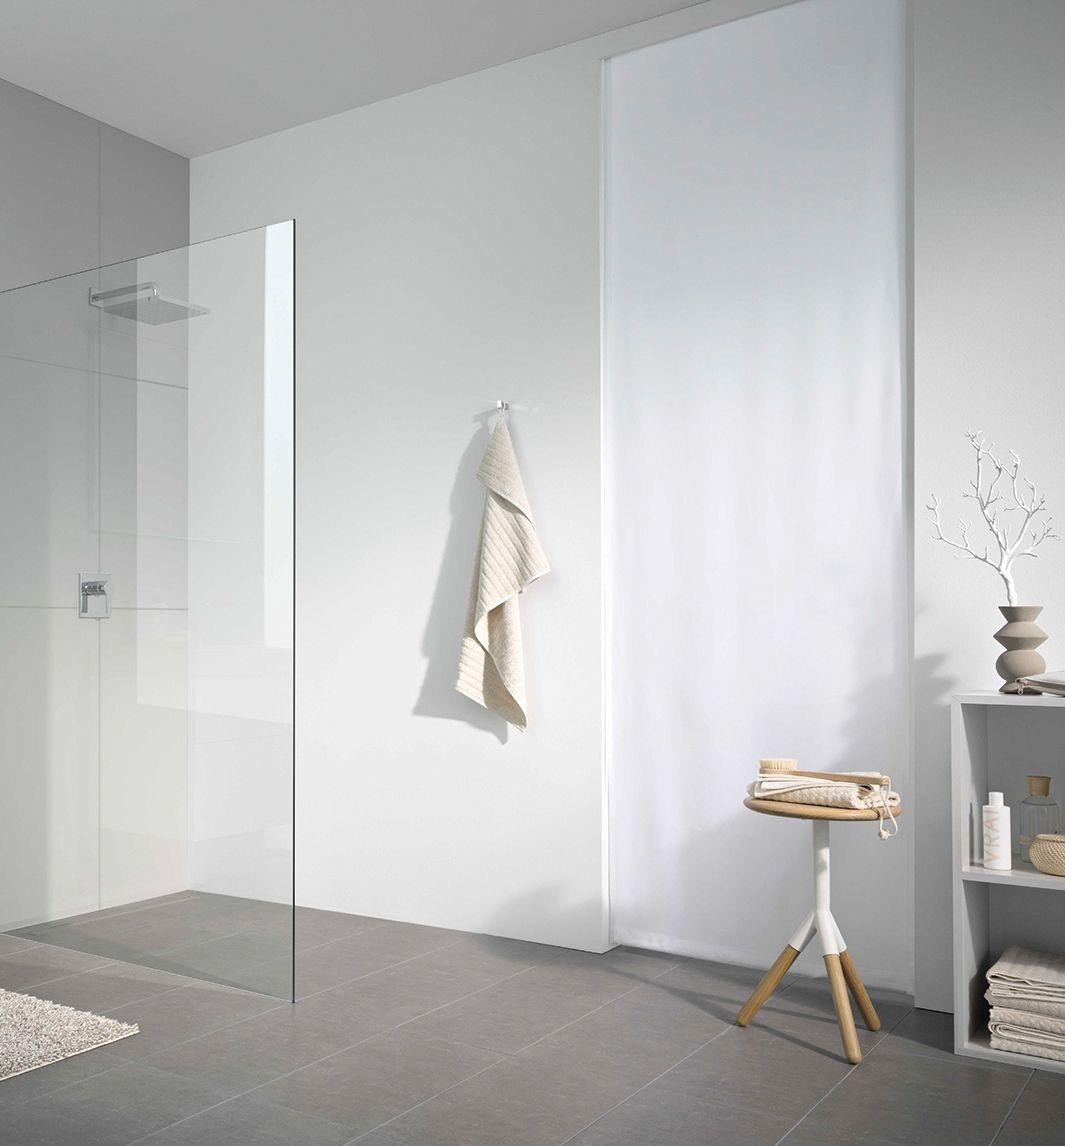 ob fr die dusche oder badewanne mit oder ohne tr gro oder klein aus glas oder kunststoff es - Dusche Aus Glas Oder Kunststoff